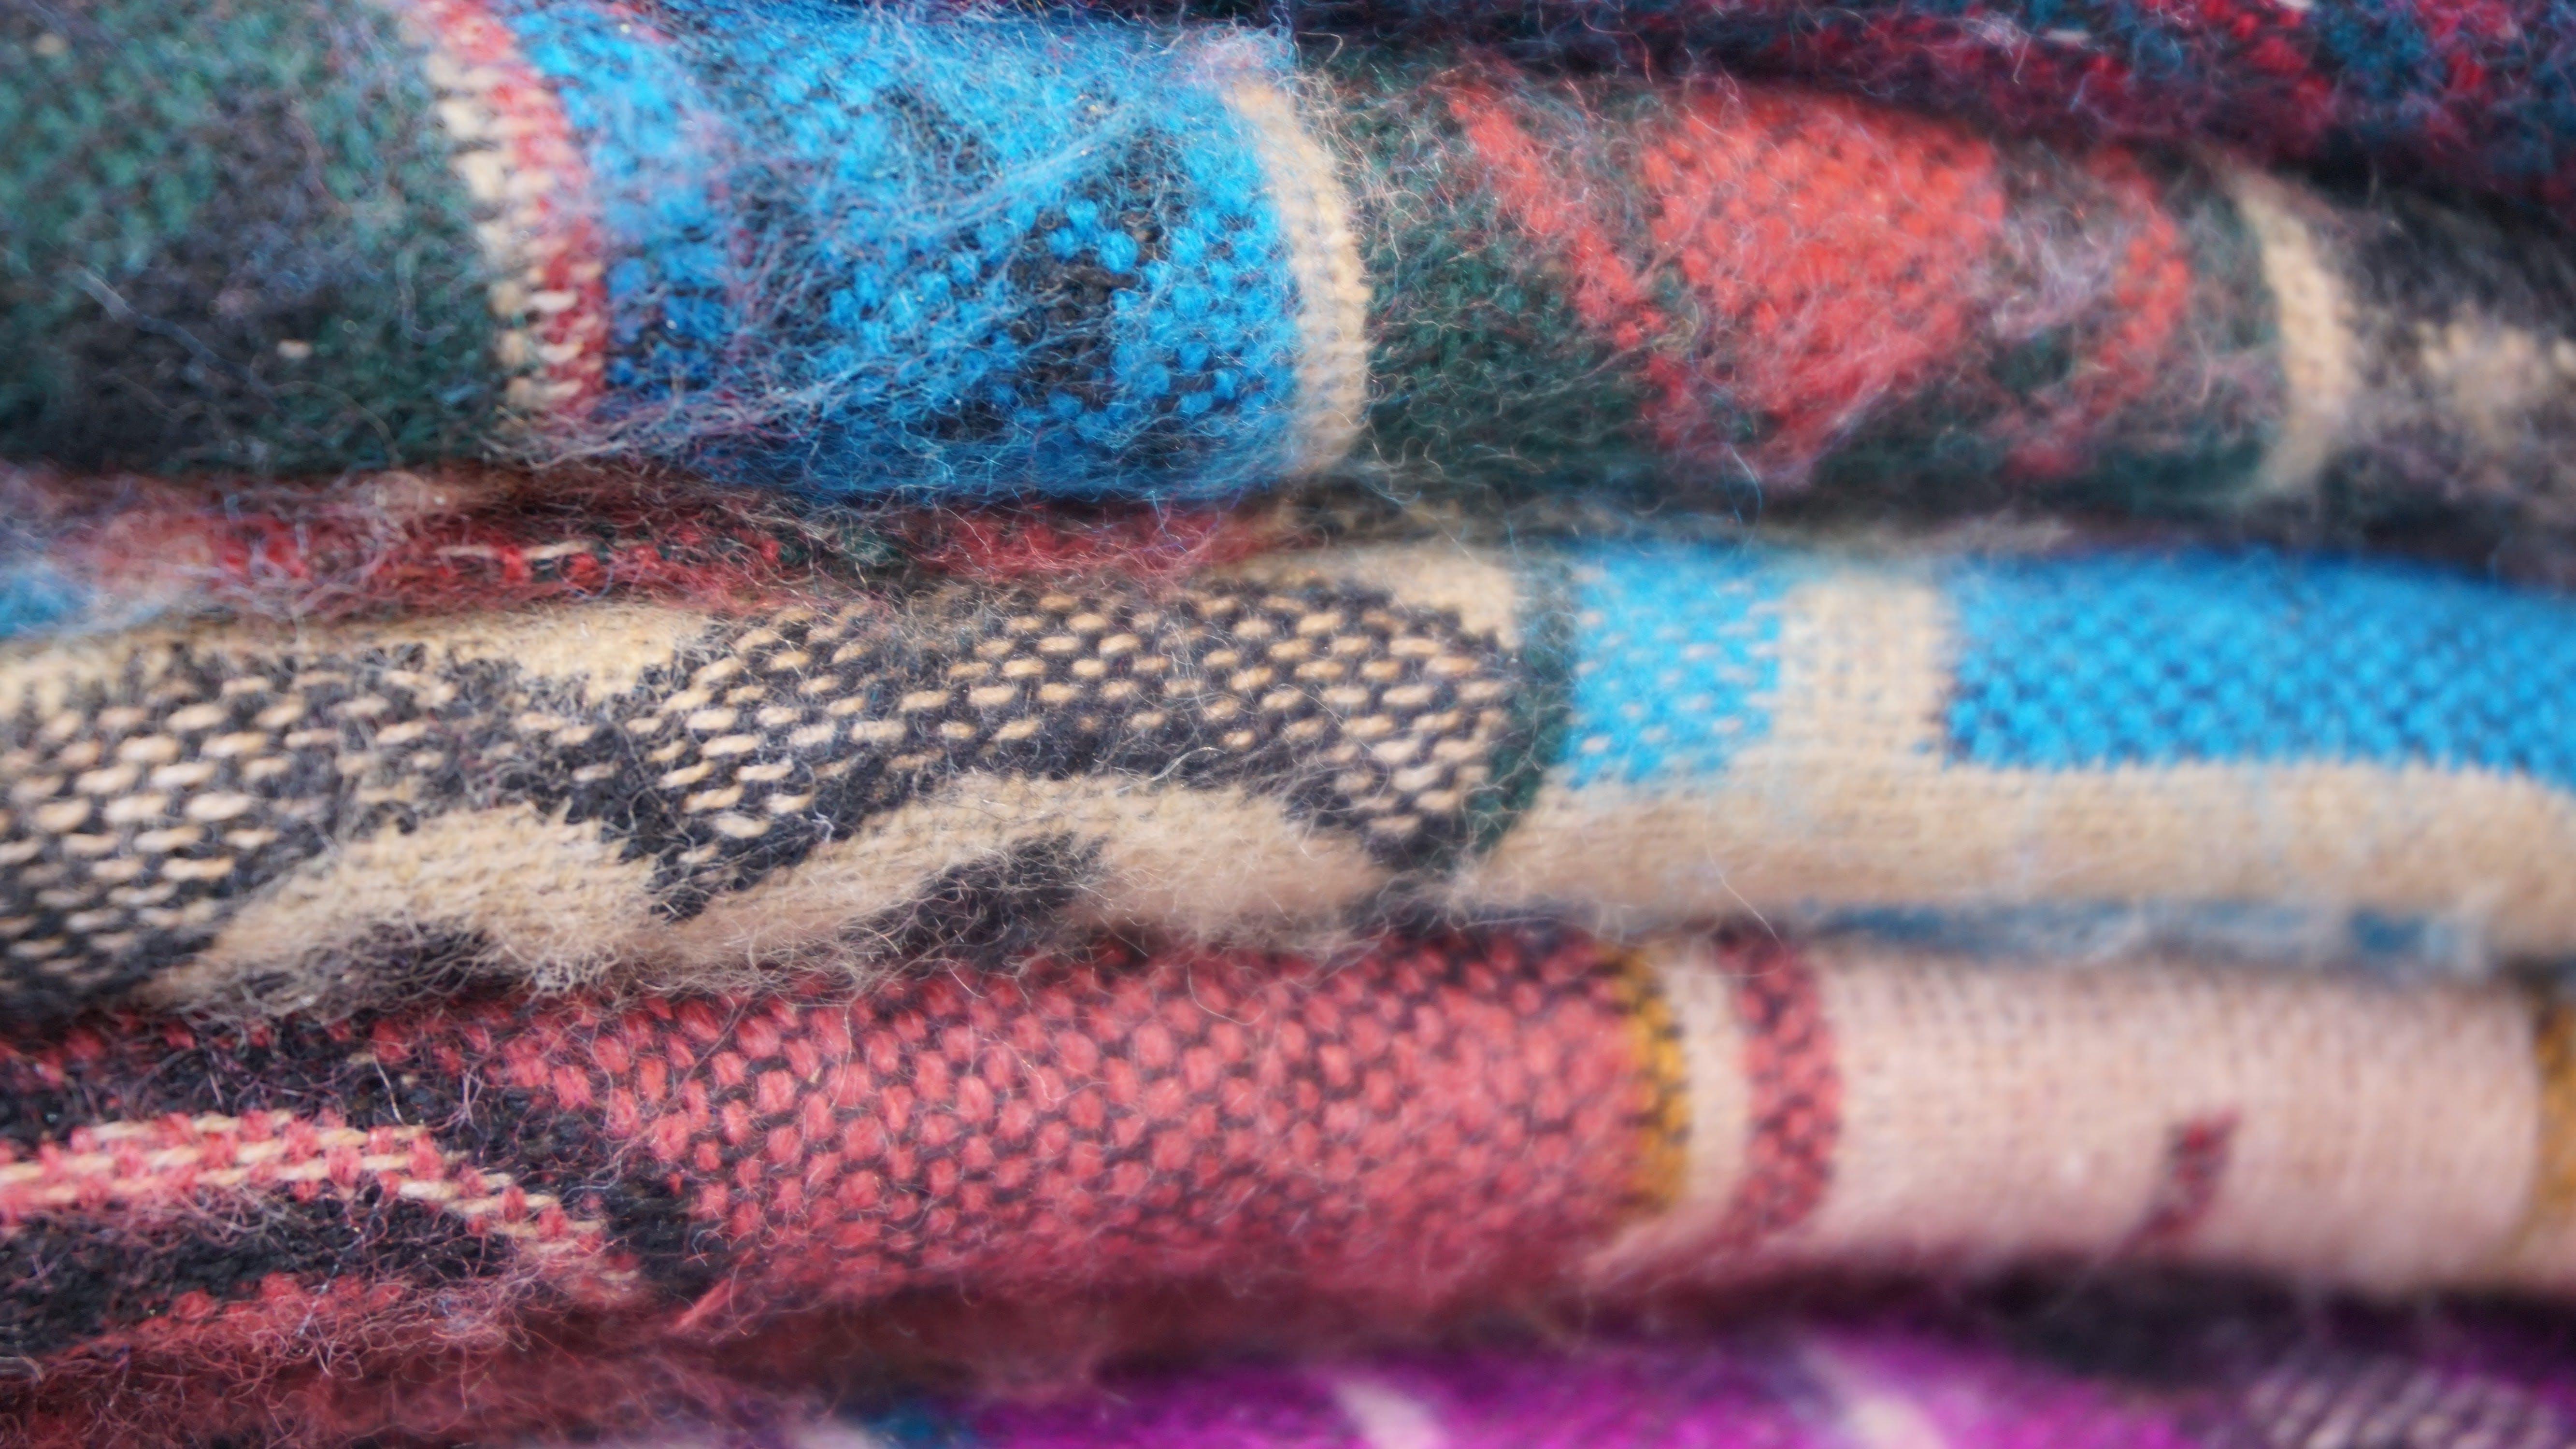 clotheline, clothes, clothes chest